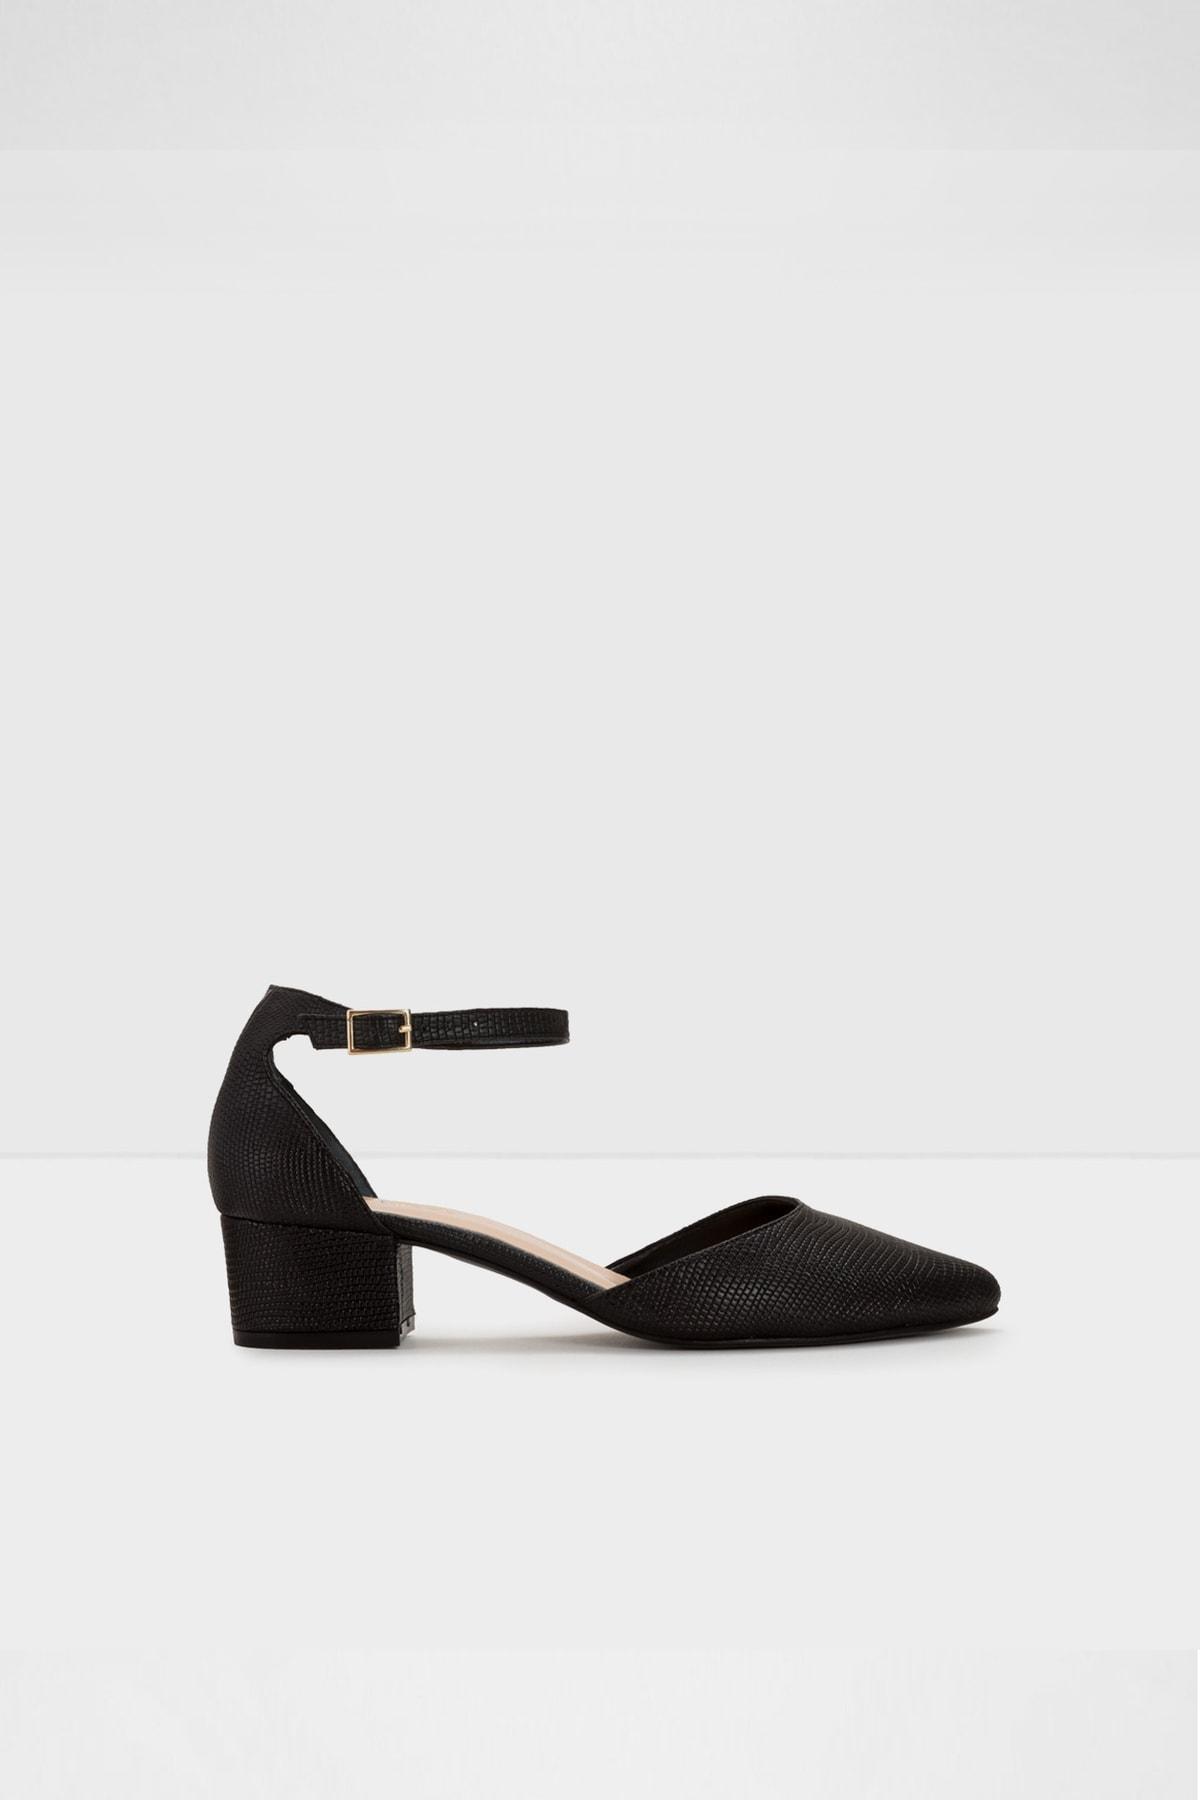 Aldo Kadın Siyah Topuklu Ayakkabı 1